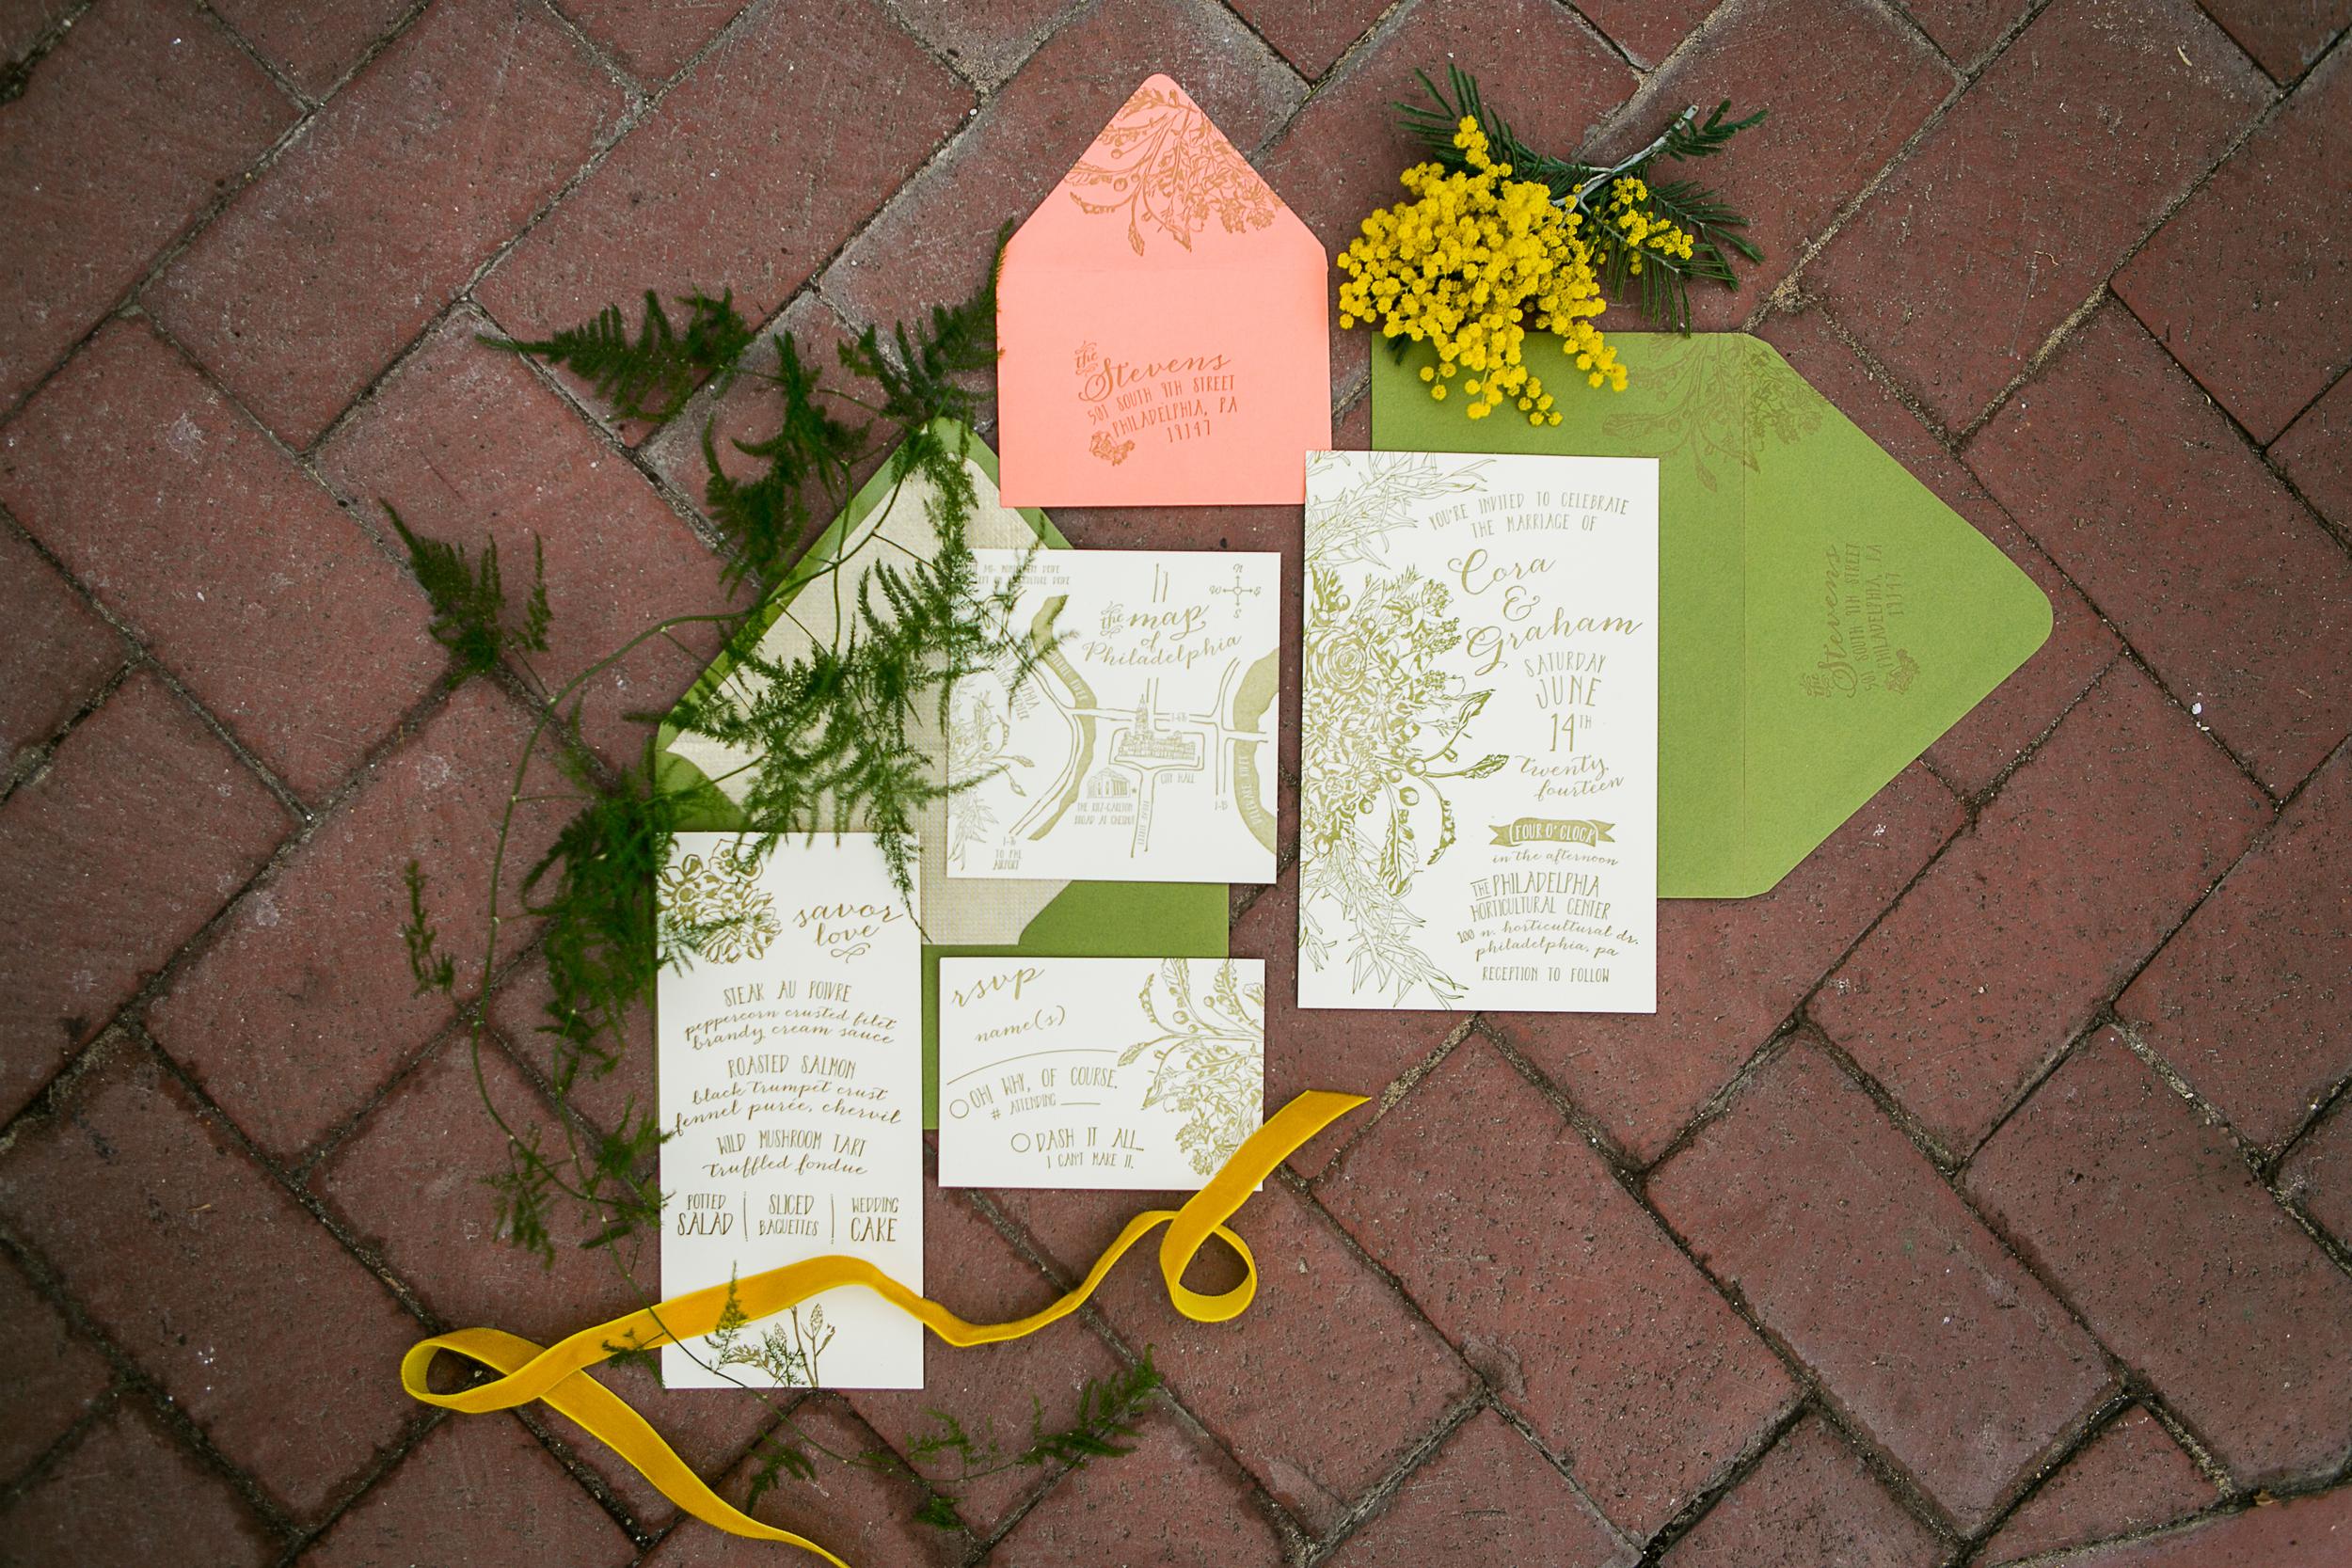 1403-Horticultural-Docherty-006.jpg